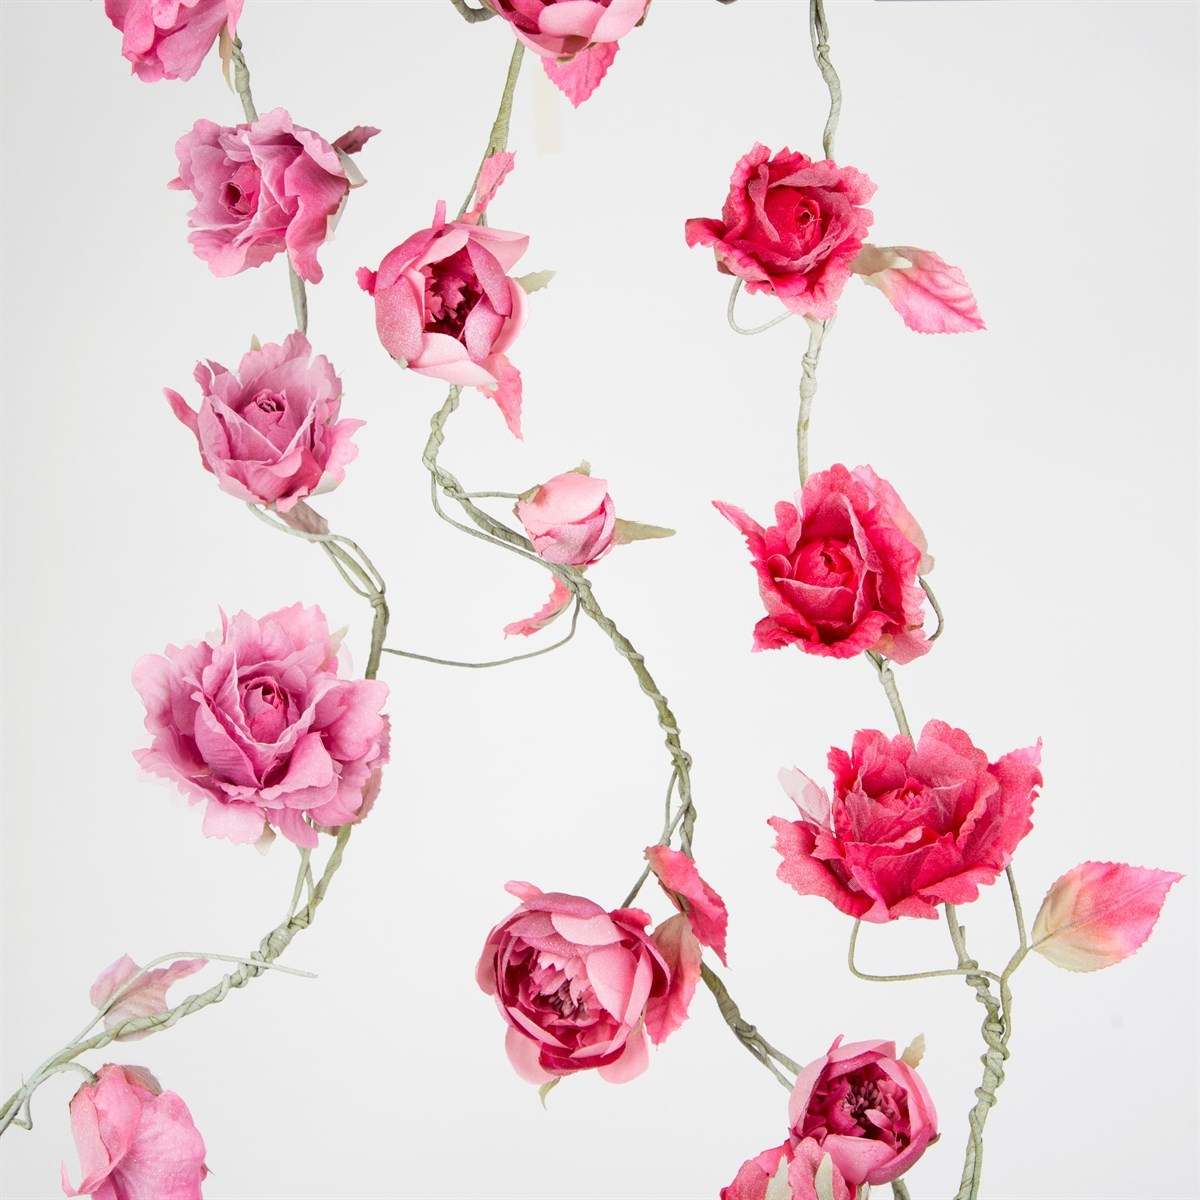 Vintage Rose Garland (Iris Pink) image